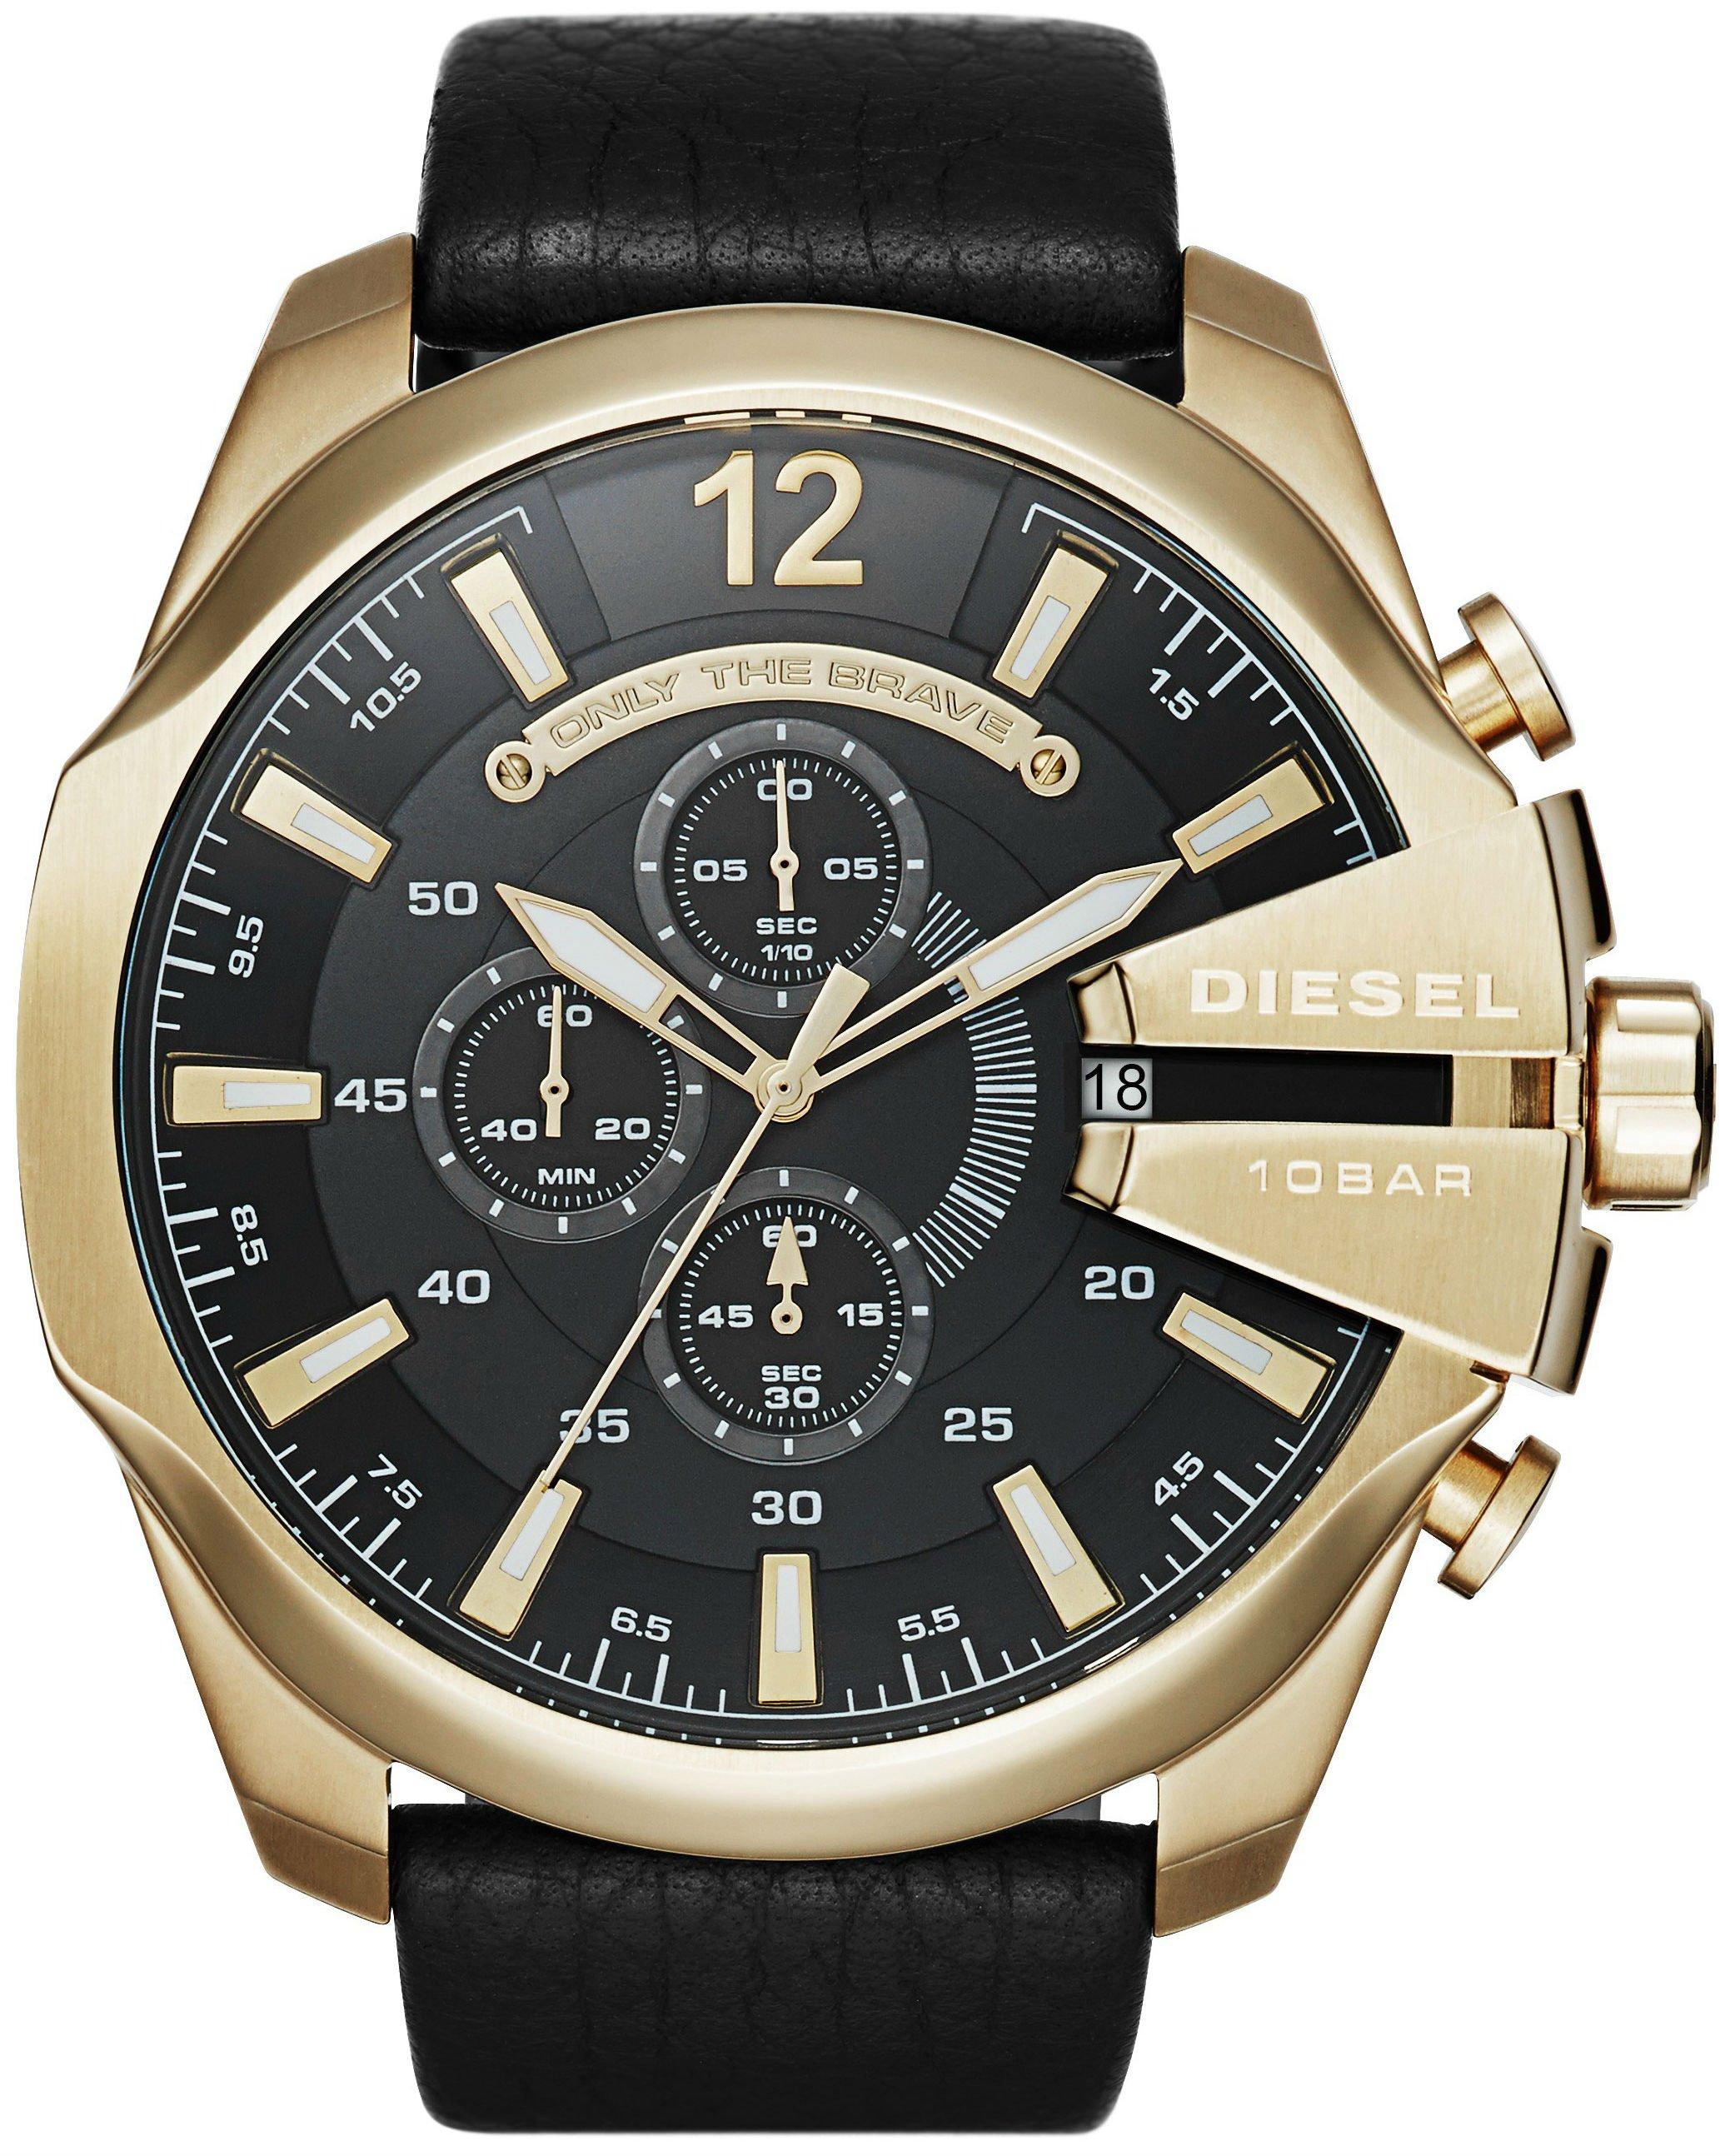 Часы дизель 4297 купить купить таймер часы